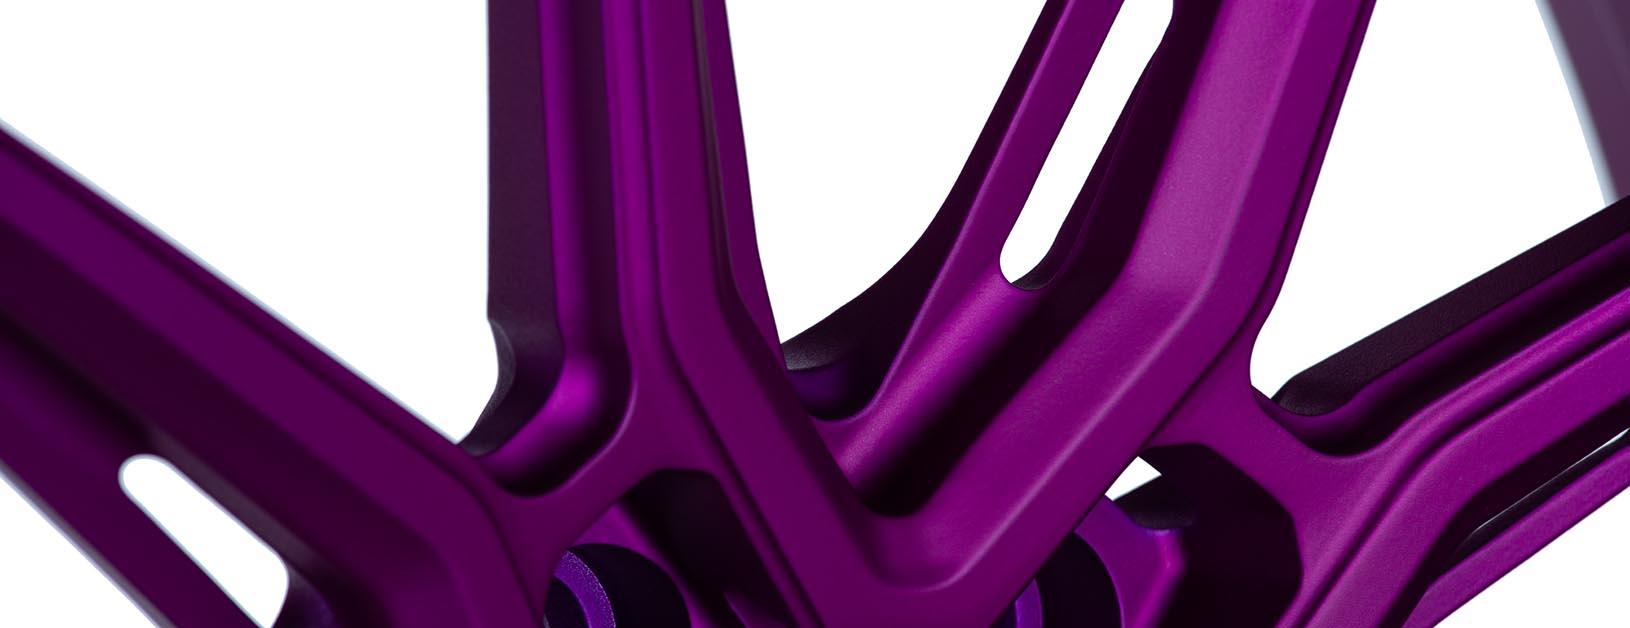 Vossen-EVO-2R-C46-Ultraviolet-EVO-Series-©-Vossen-Wheels-2019-0008-Edit